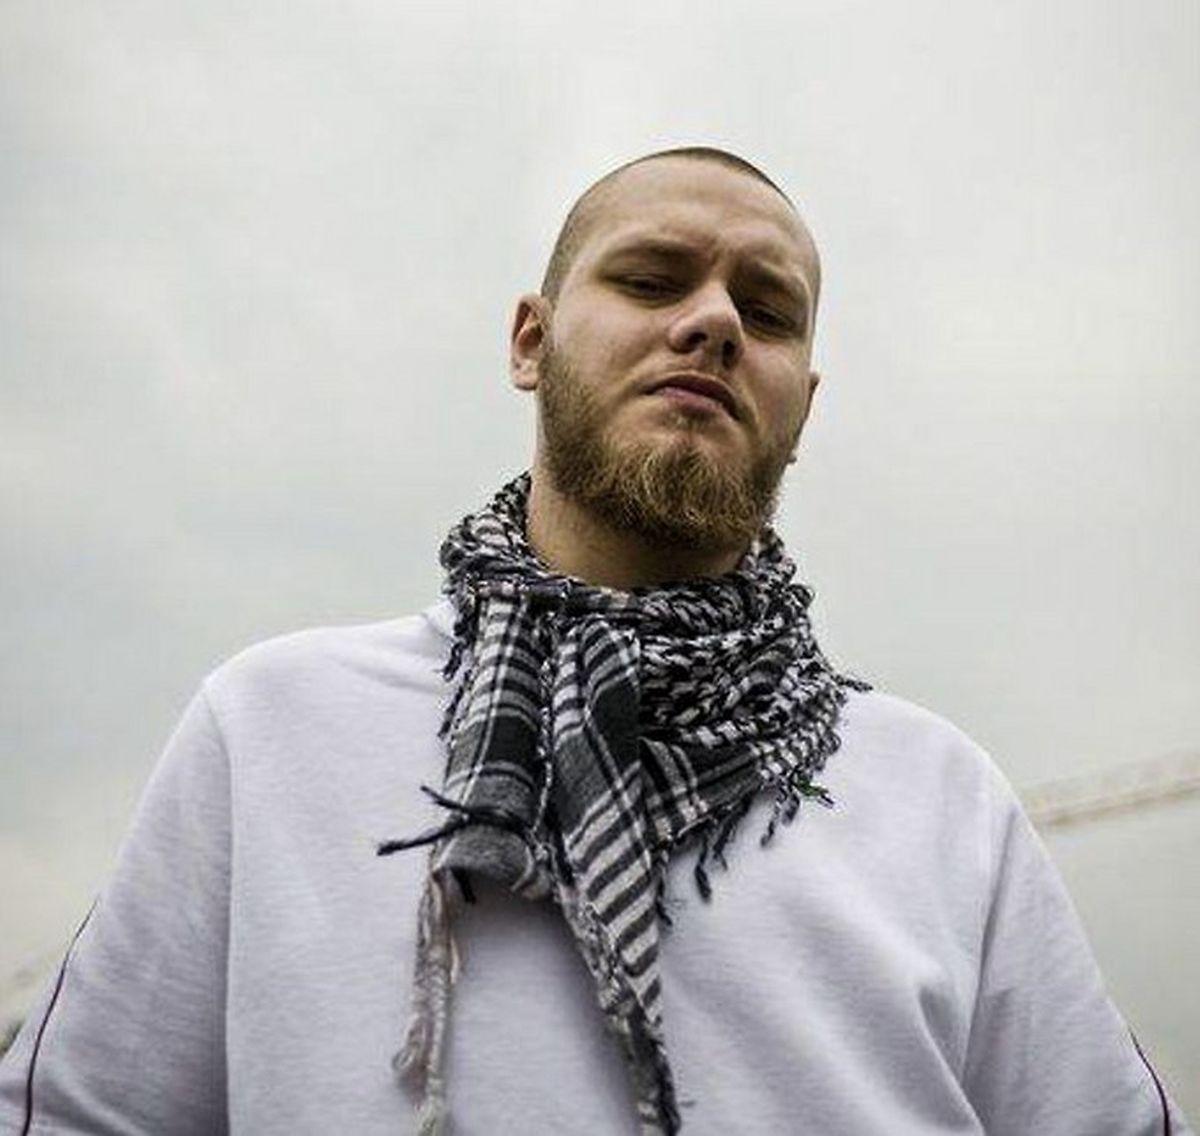 Steve Duarte era conhecido no Luxemburgo como o rapper Pollo